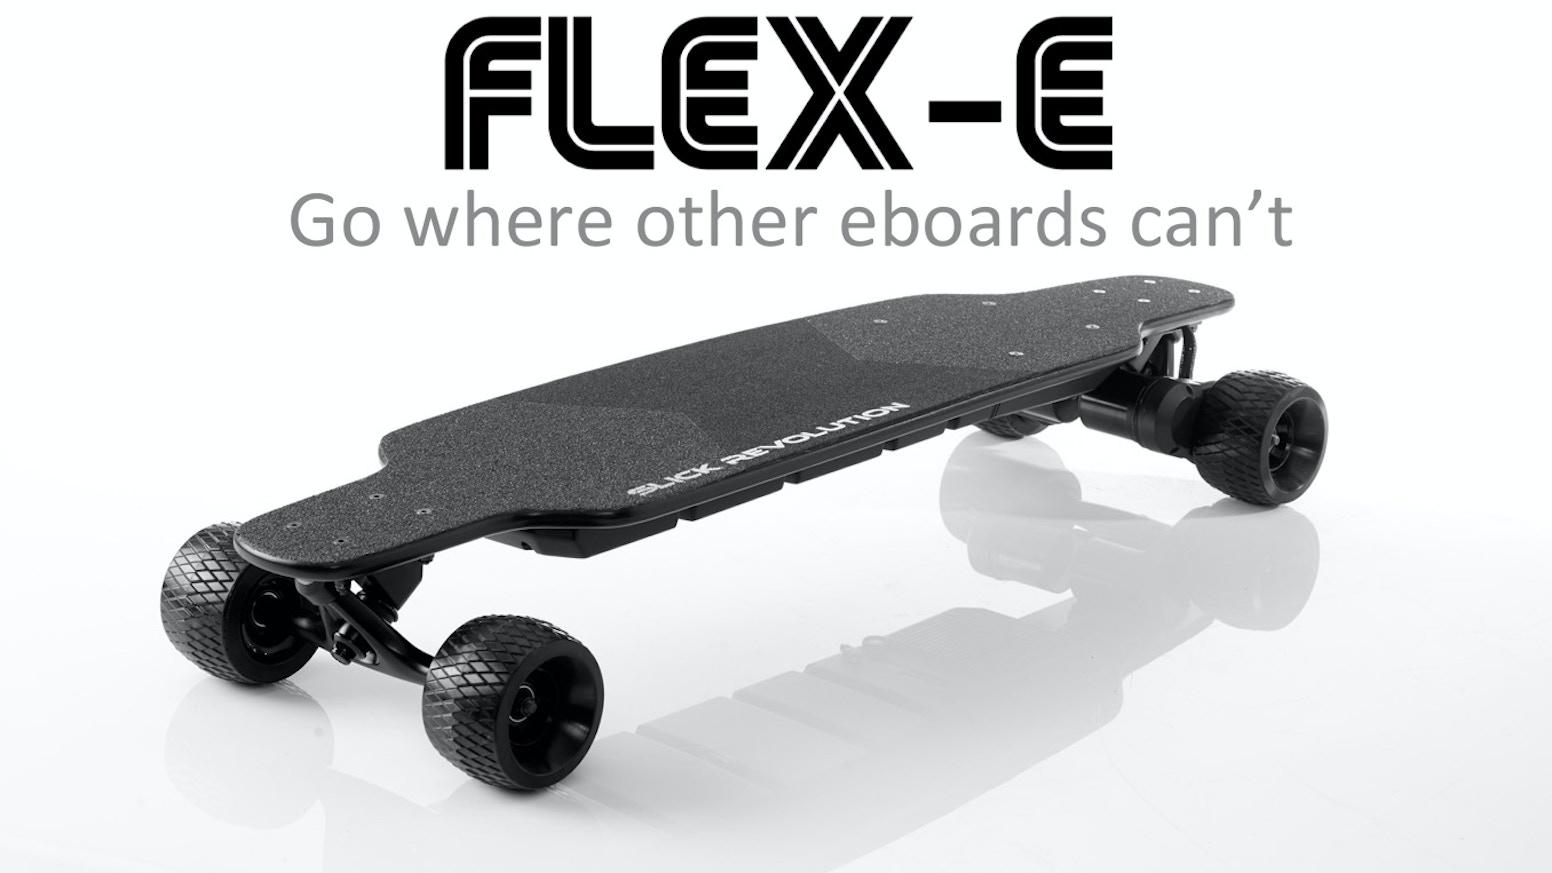 「FLEX-EBOARD」の画像検索結果